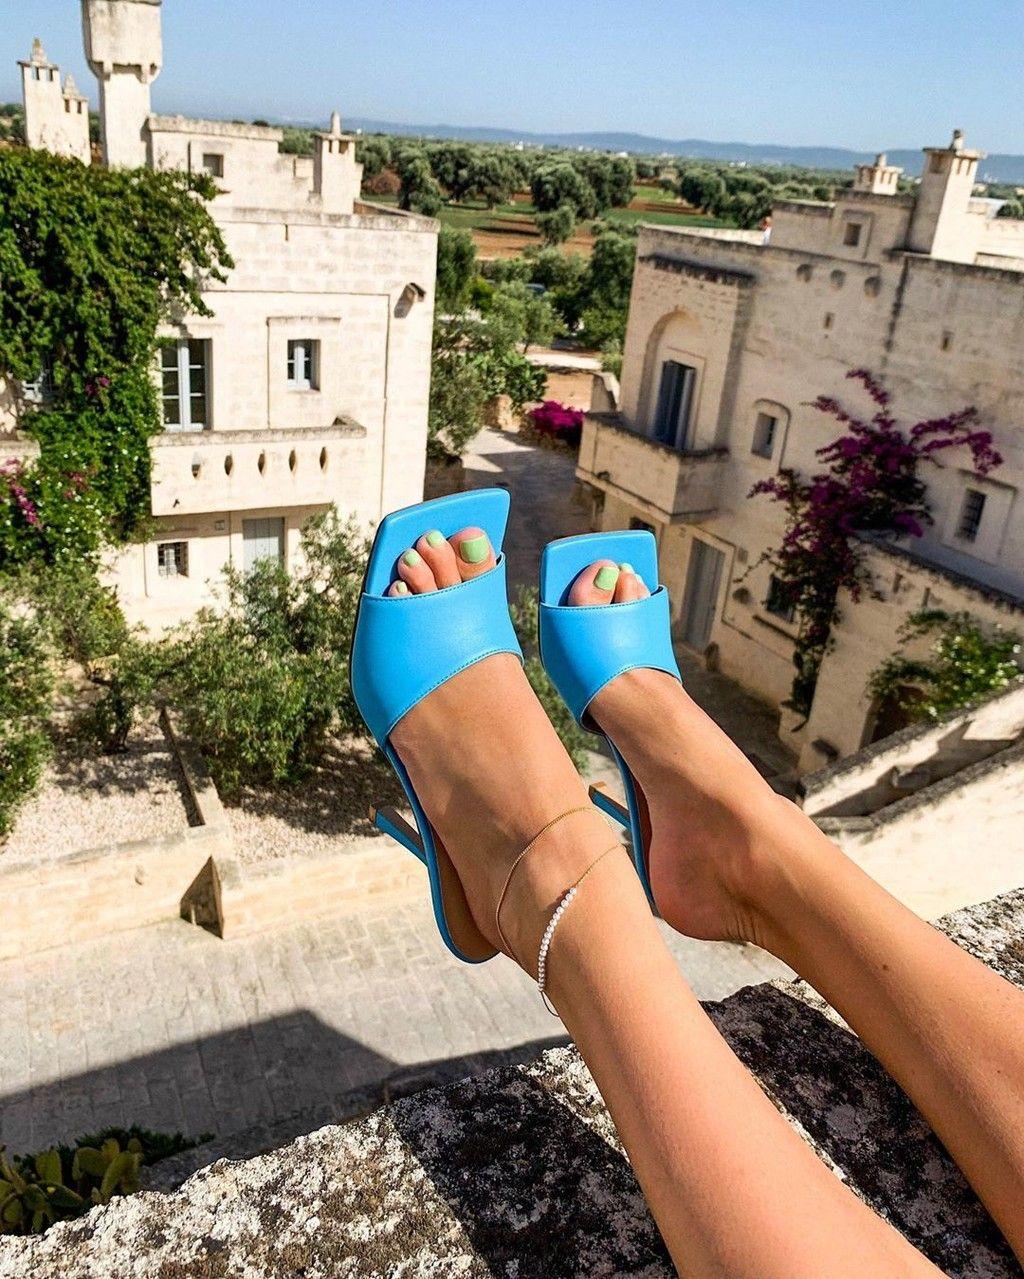 Clonados Y Pillados Bottega Veneta Y Sus Mules Más Famosas Ya Tienen Un Nuevo Clon En Topshop Topshop Estilo De Zapatos Tendencias Ropa